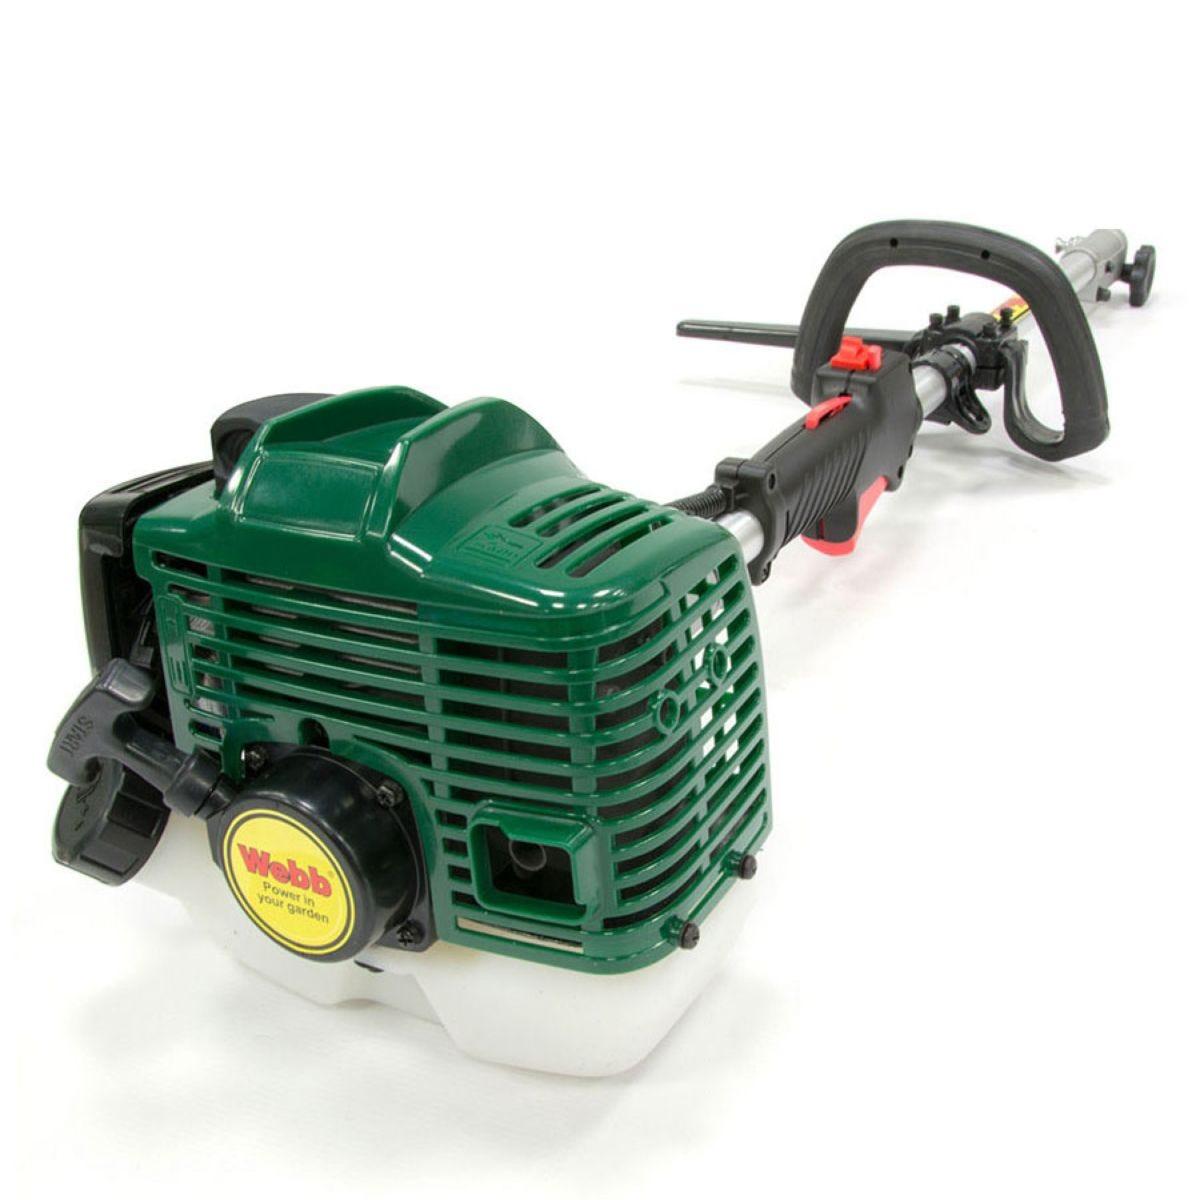 Webb MC26 4-in-1 Two-Stroke Petrol Multi Cutter